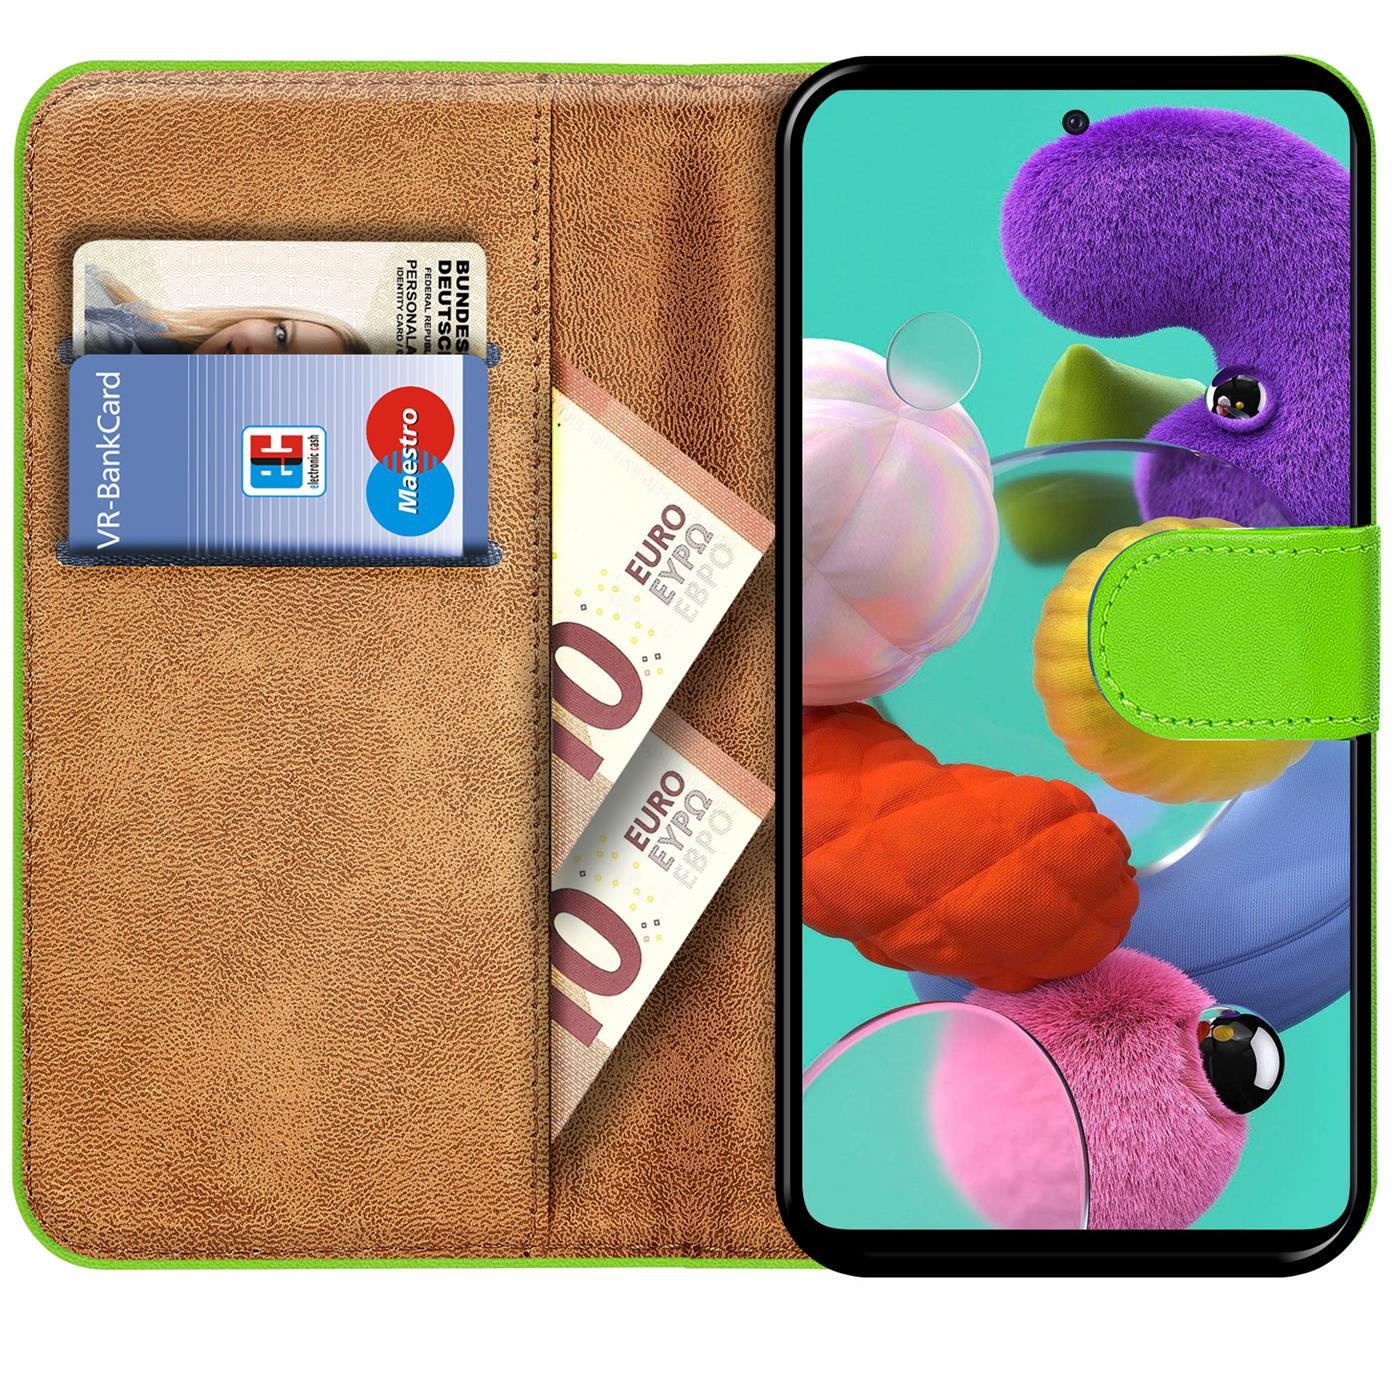 Schutz-Huelle-Samsung-Galaxy-Handy-Klapp-Tasche-Book-Flip-Case-Schutzhuelle-Etui Indexbild 11